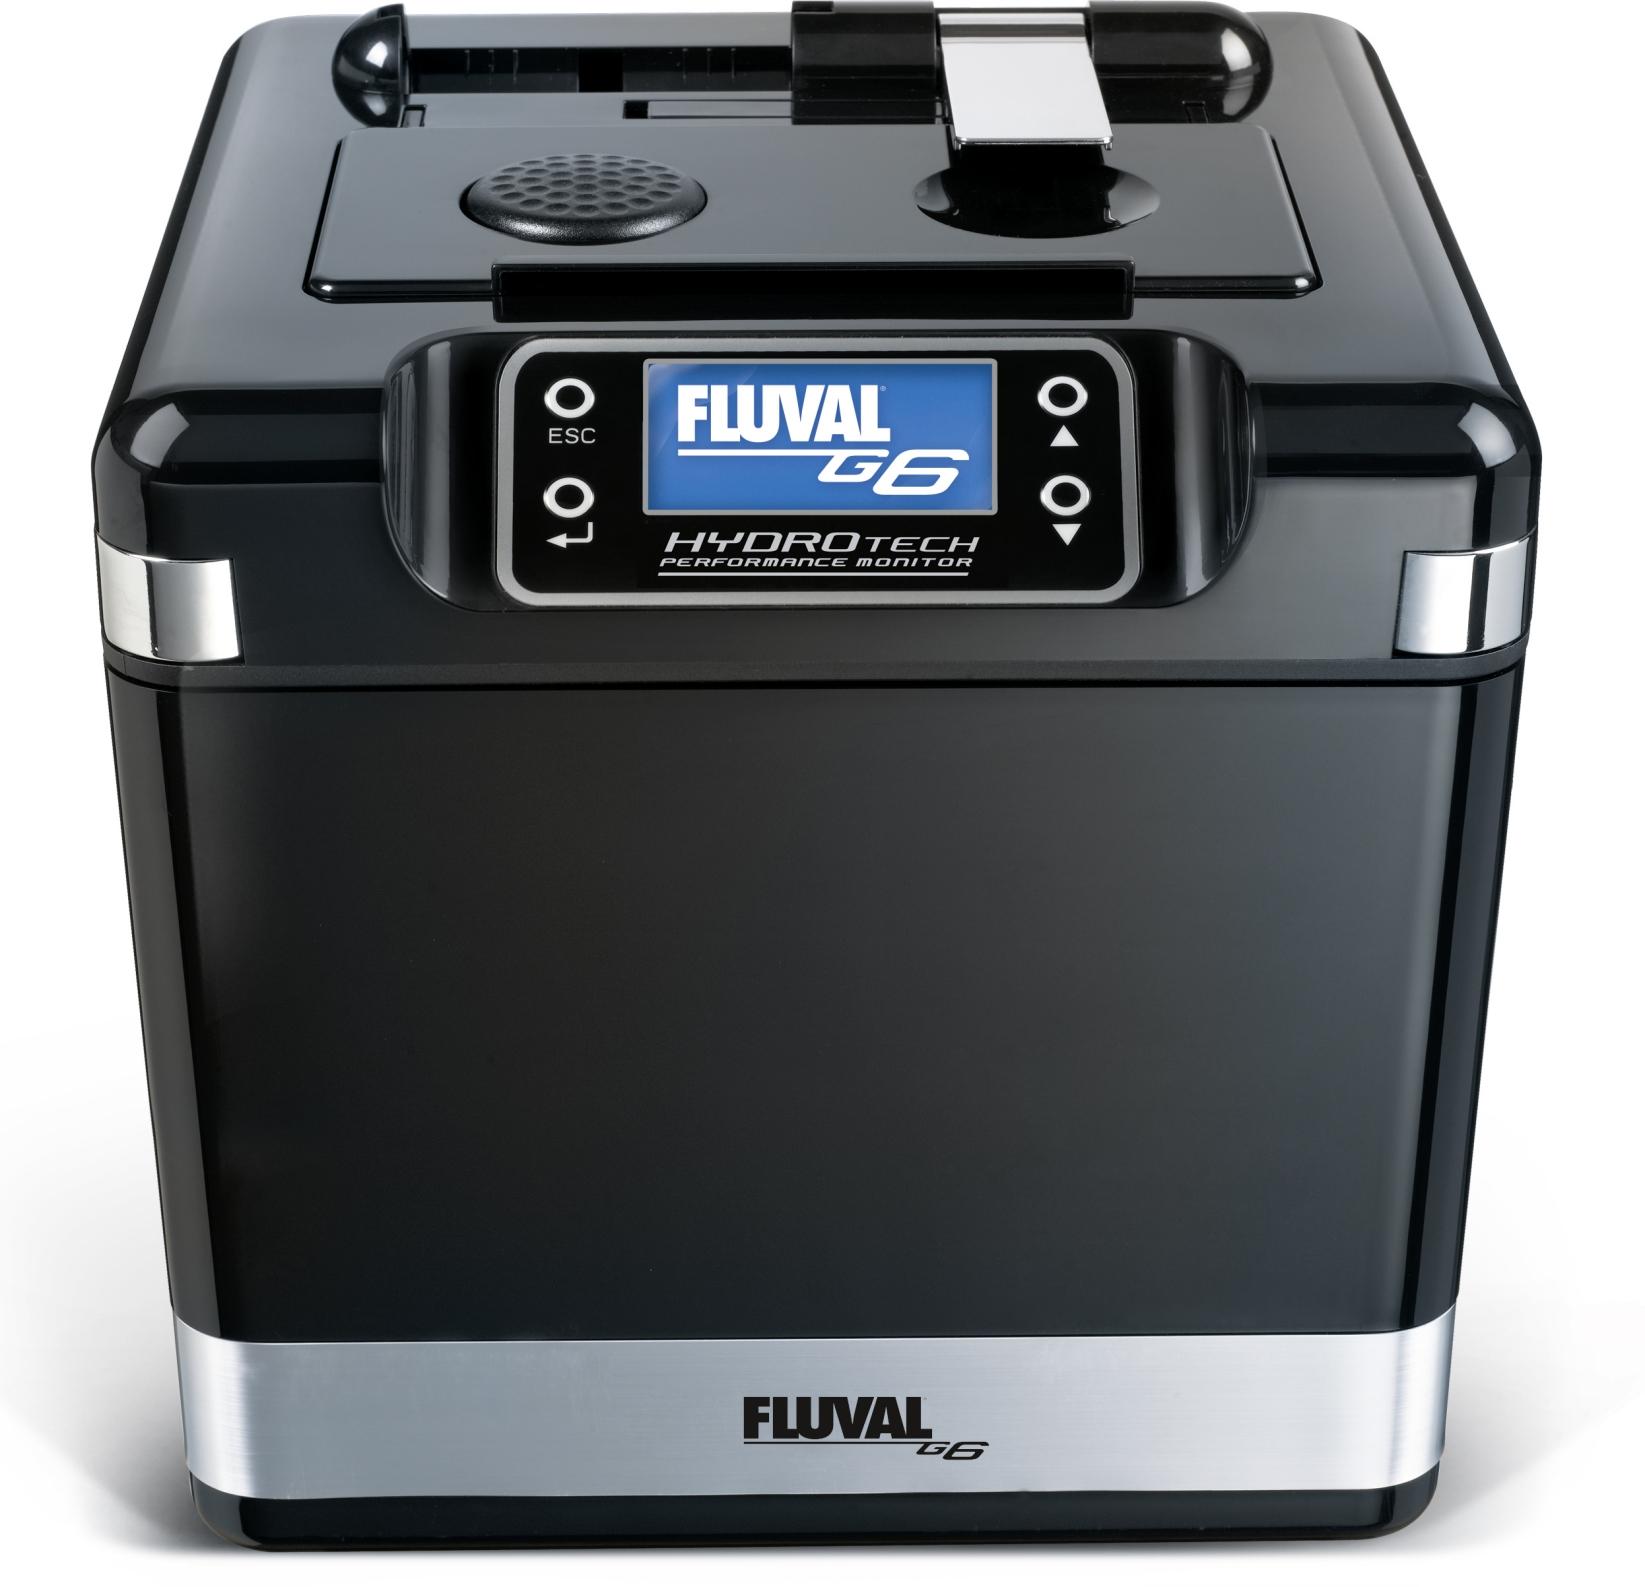 Preise Fluval Premium-Außenfilter G6